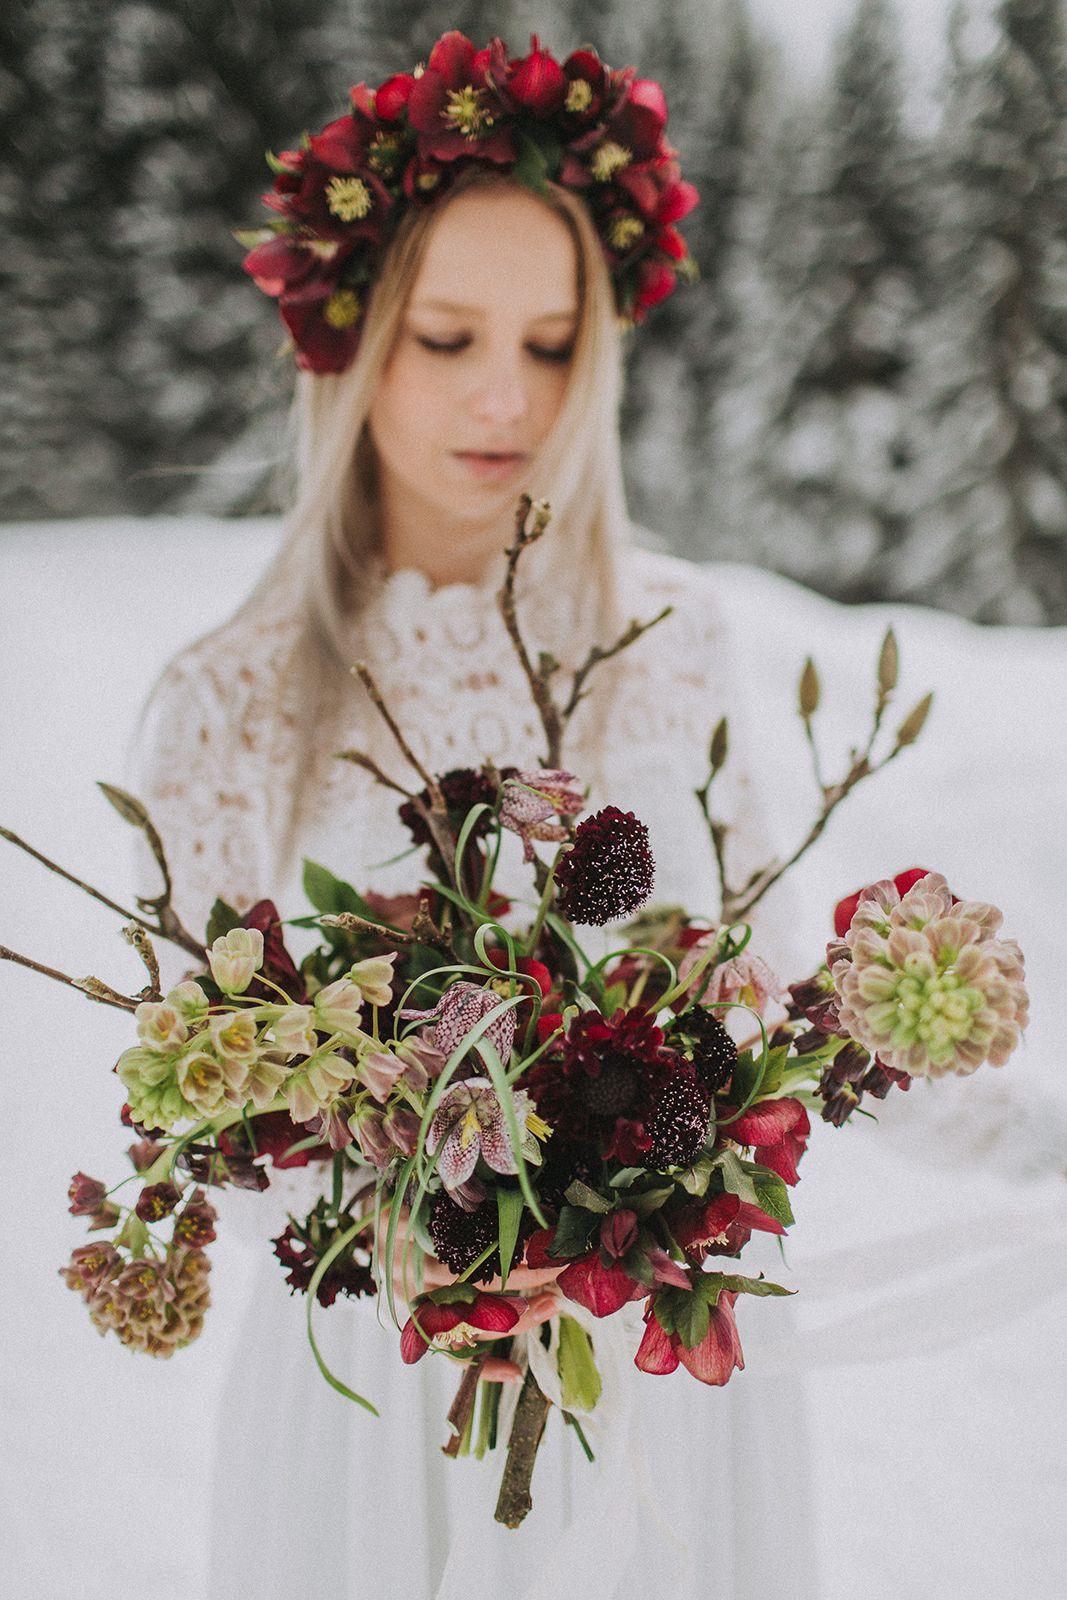 Ideen Fur Die Winterhochzeit In Den Bergen In Rot Dresses 3 3